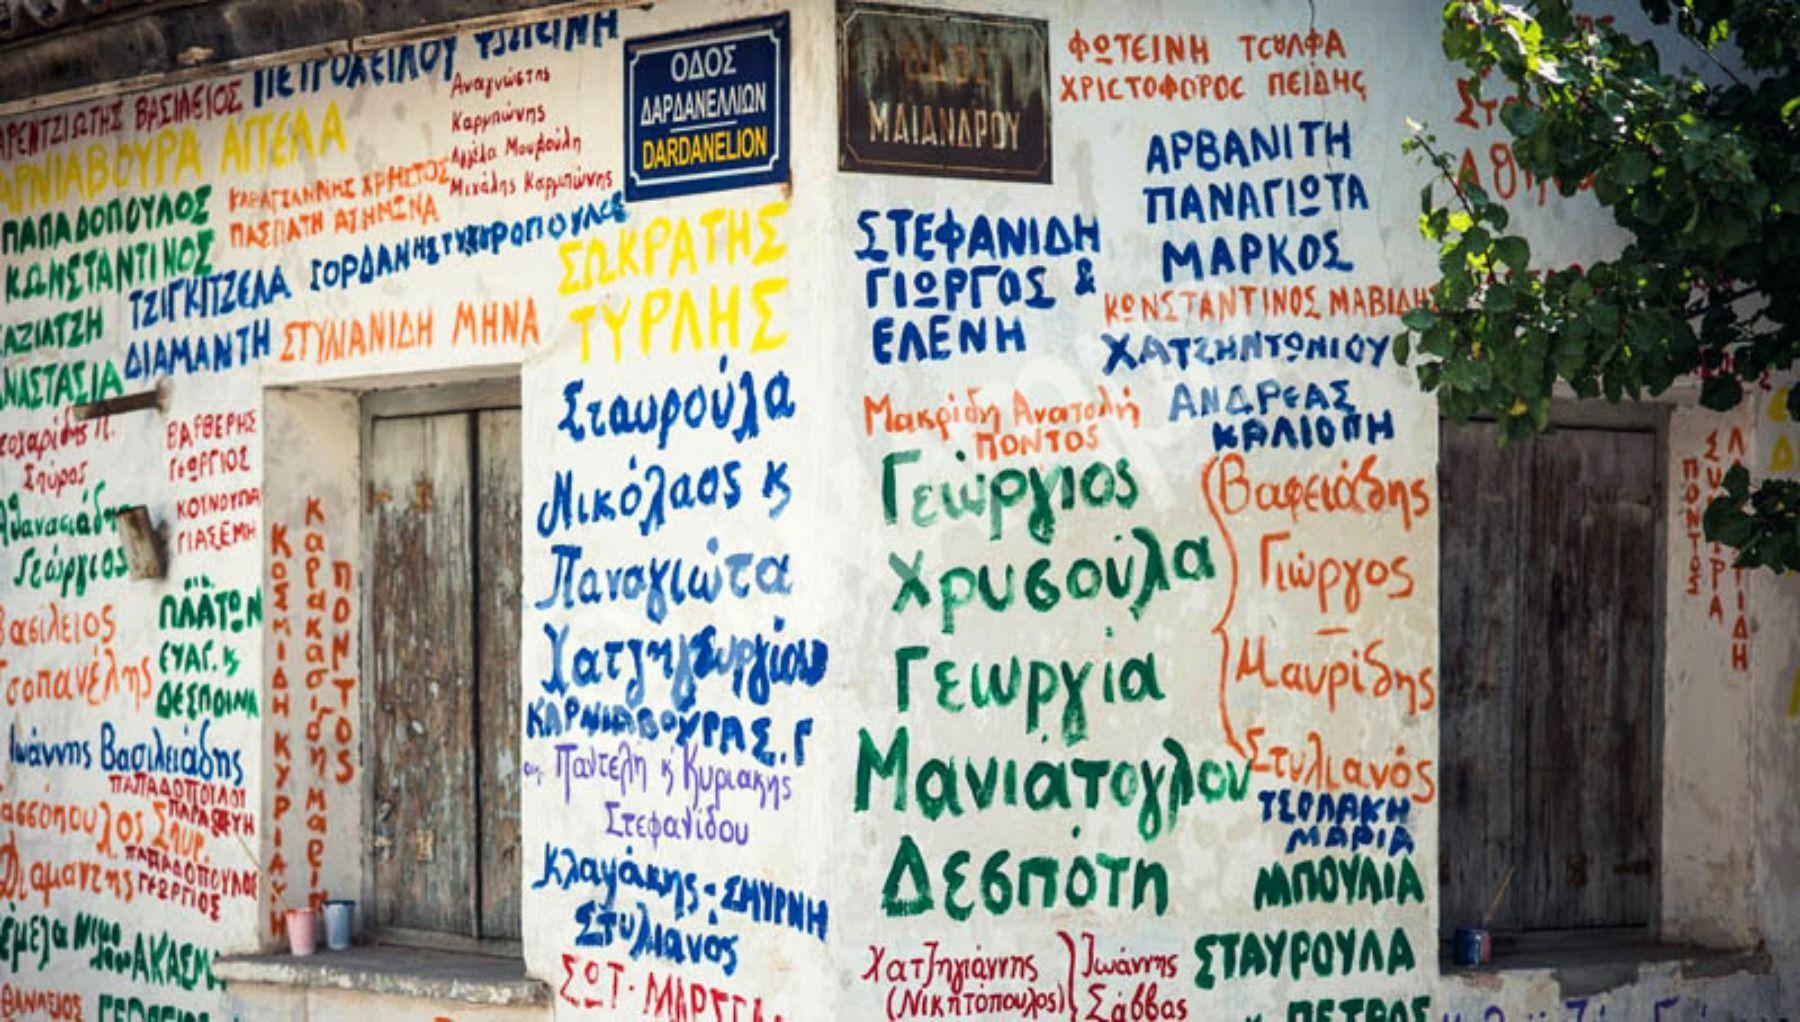 Ευρώπη, κόρη του Φοίνικα: Το πρόγραμμα αυτό εμπνέεται από τη μυθική μορφή της Ευρώπης σε συνδυασμό με την ανθρωπογεωγραφία της Ελευσίνας, μιας πόλης μεταναστών και προσφύγων. Η «Ευρώπη, κόρη του Φοίνικα» επικεντρώνεται στον τρόπο που σχετίζεται η Ευρώπη με τους άλλους λαούς, εστιάζοντας στα ζητήματα μετανάστευσης και προσφυγιάς.